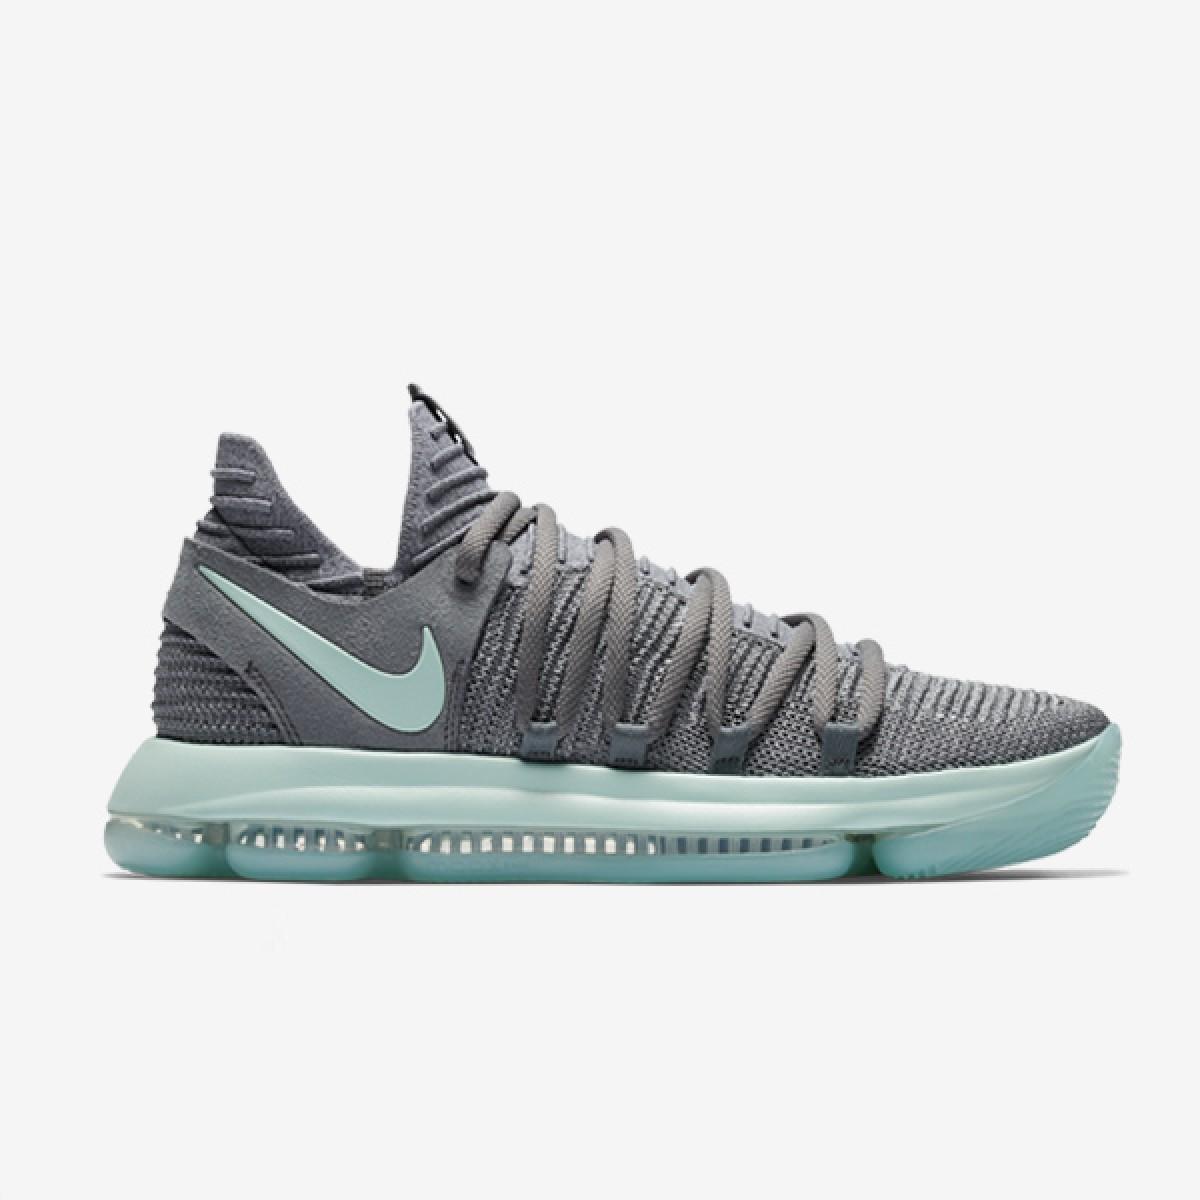 Nike Zoom KD 10 'Igloo'